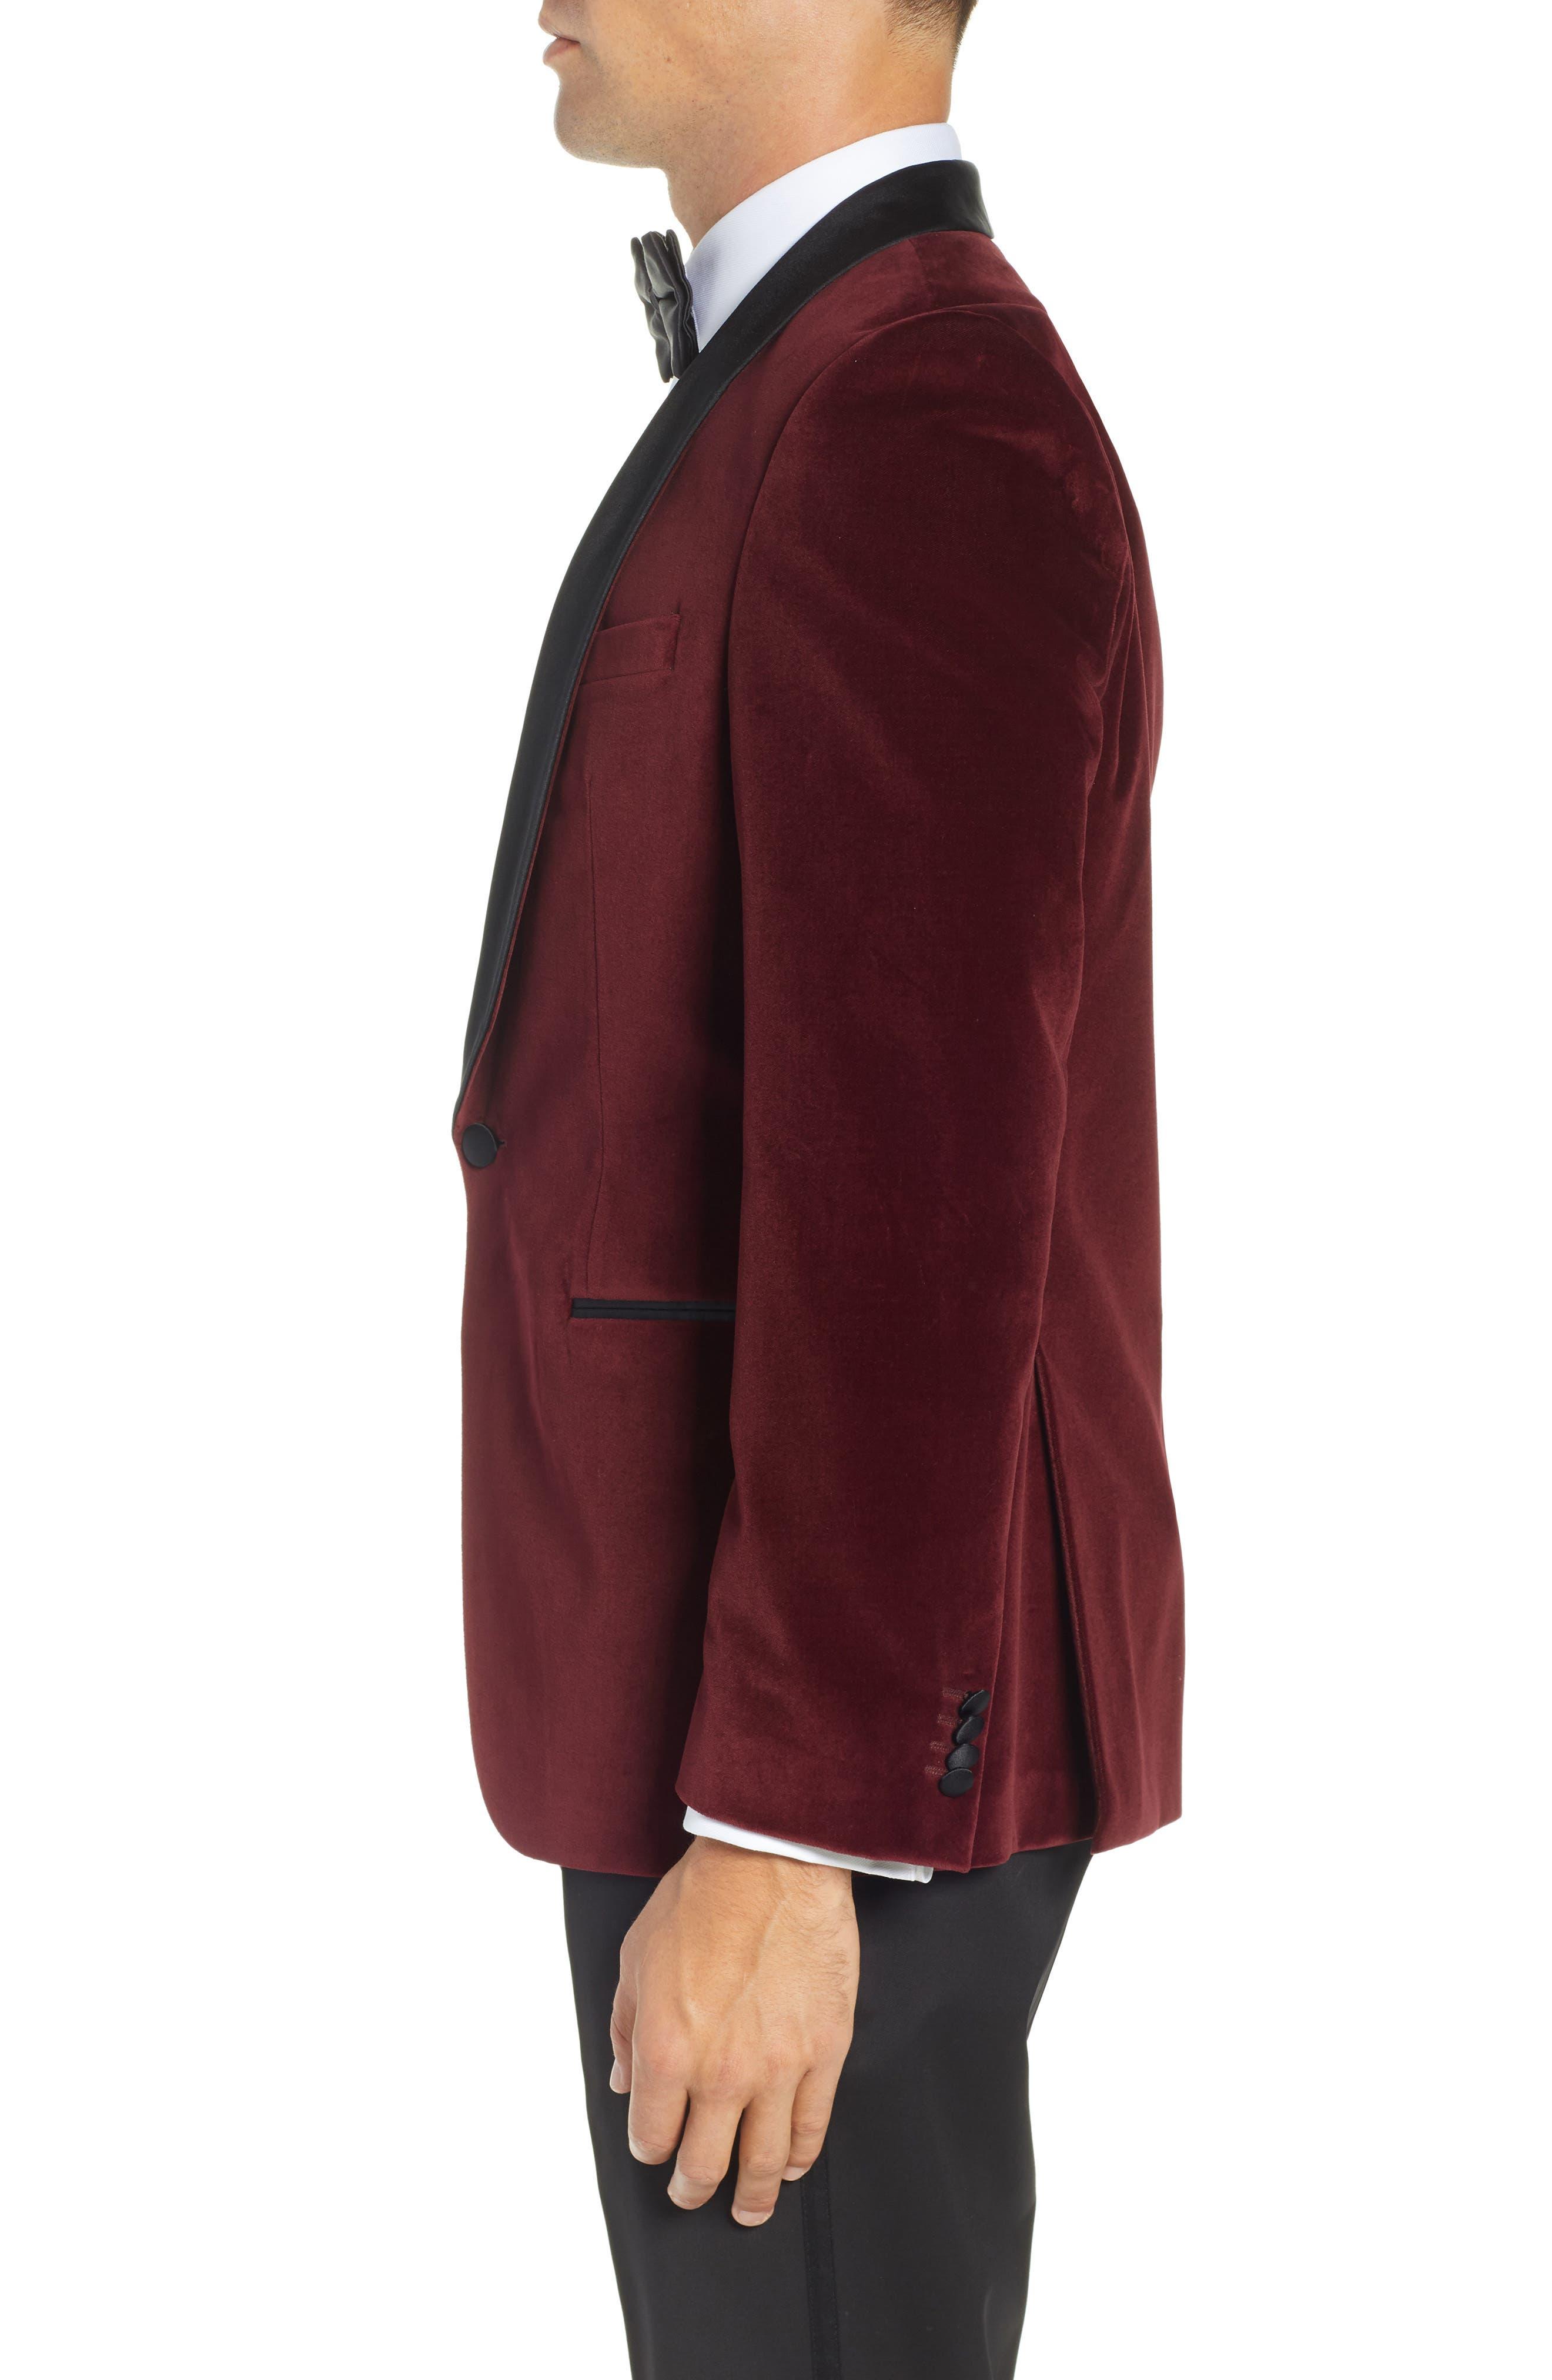 Hockley Slim Fit Velvet Cotton Dinner Jacket,                             Alternate thumbnail 3, color,                             DARK PURPLE